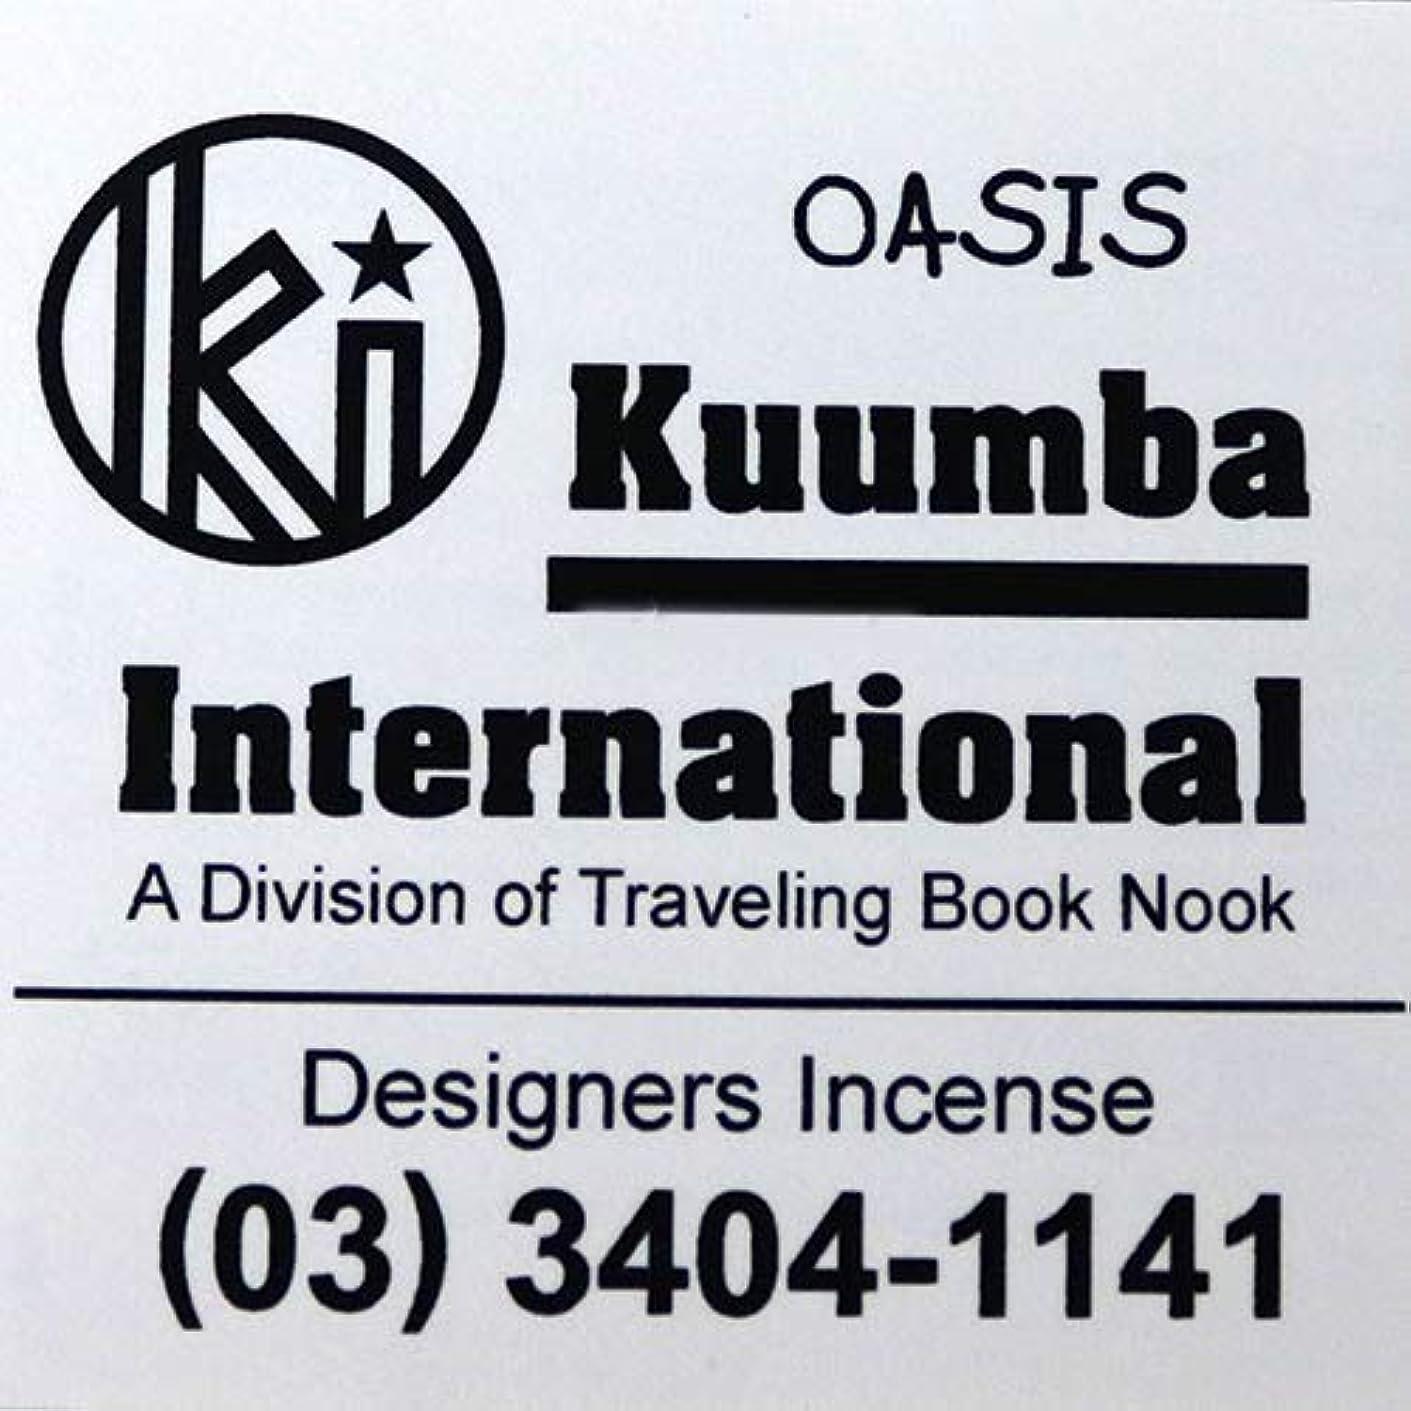 タイトル牧師リール(クンバ) KUUMBA『incense』(OASIS) (OASIS, Regular size)